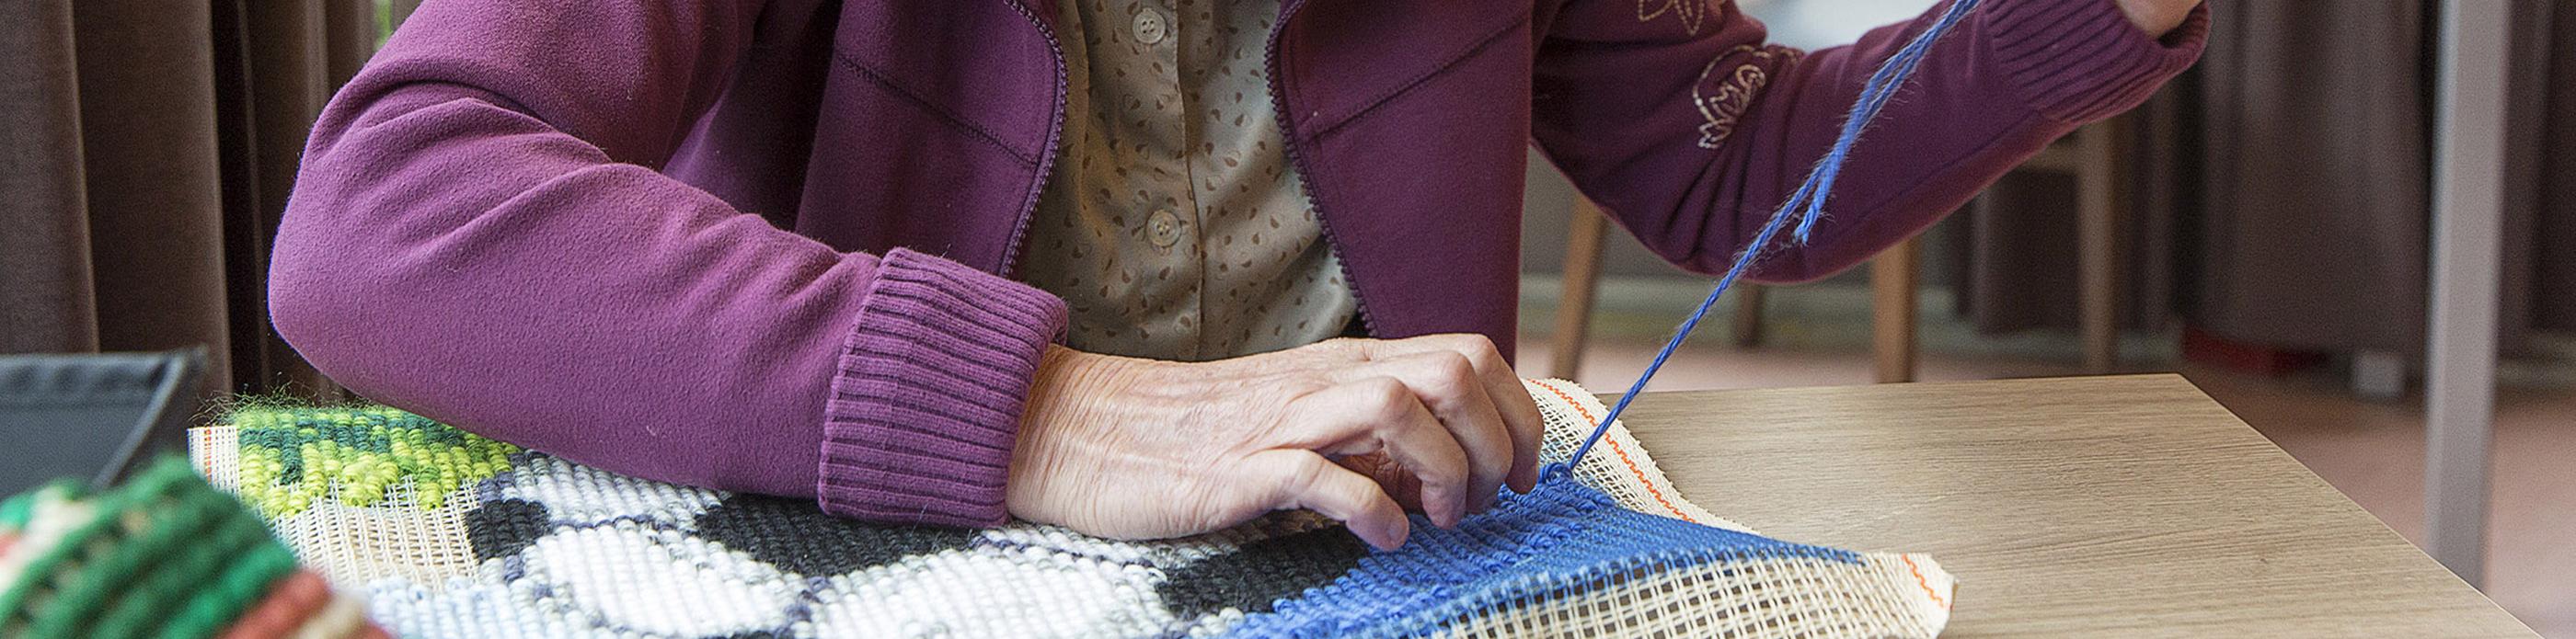 Colijnstraat - dagbesteding voor ouderen